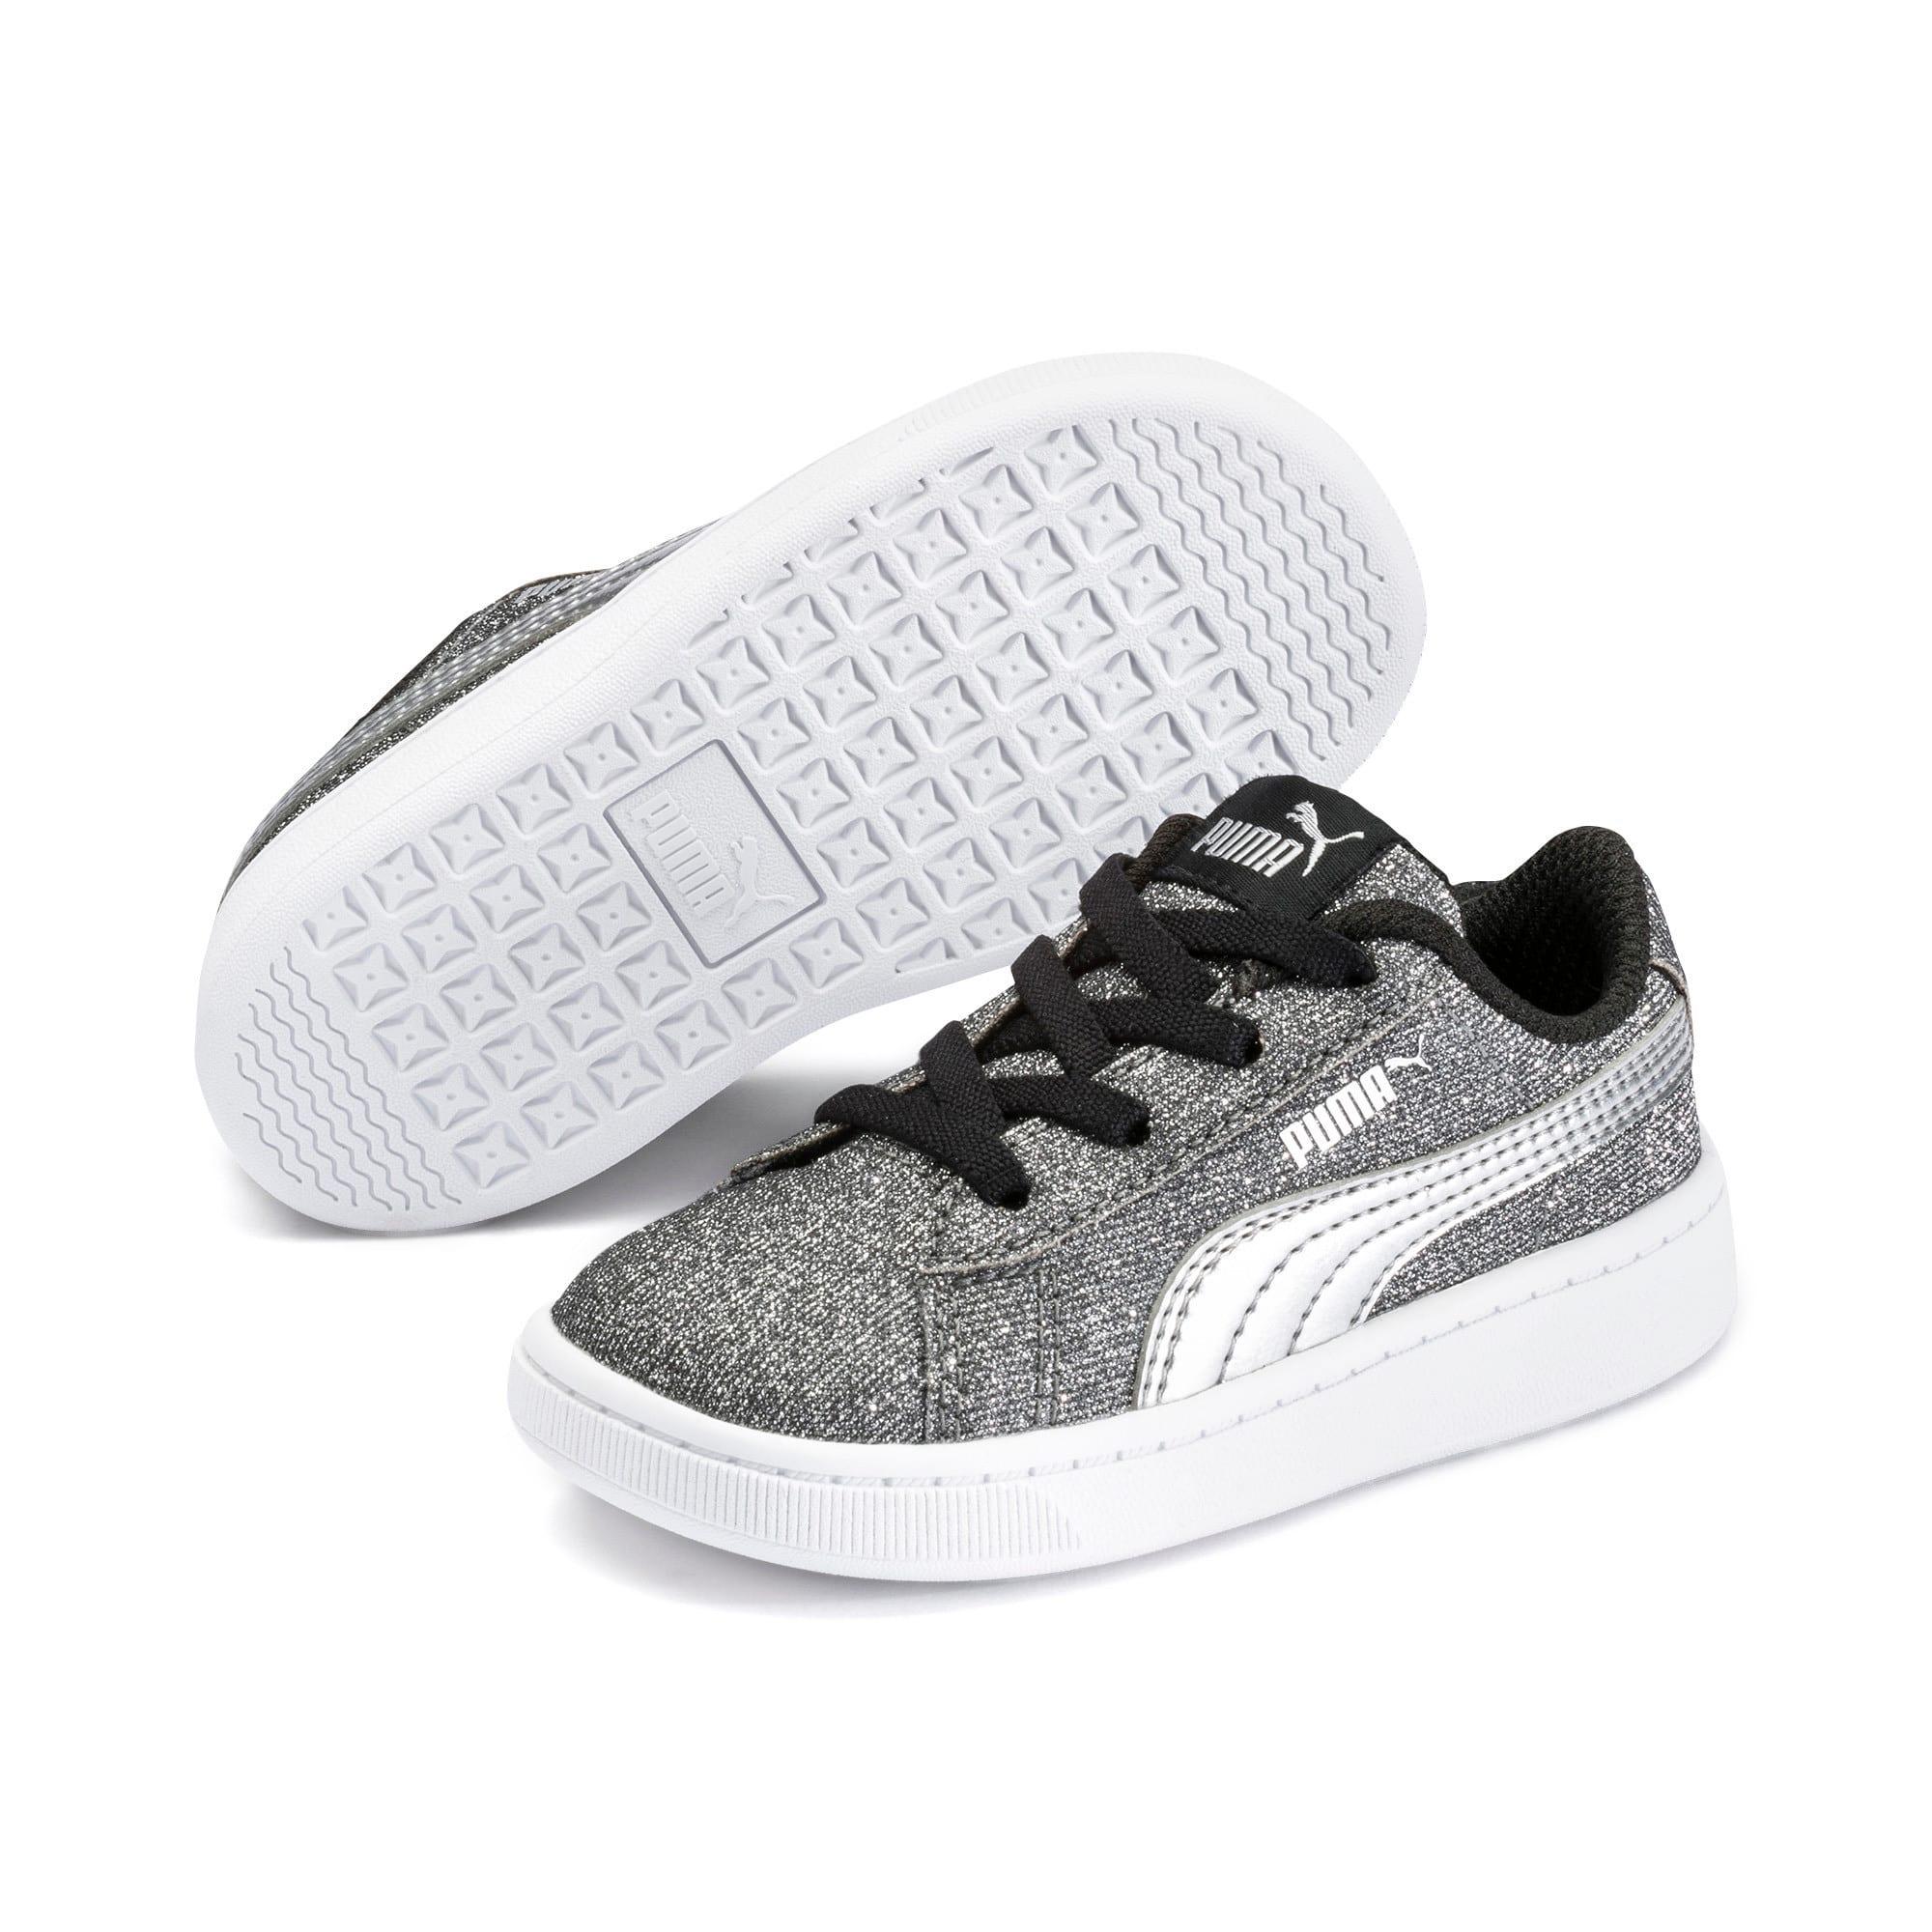 Miniatura 2 de Zapatos deportivos PUMA Vikky v2 Glitz AC INF, Puma Black-Silver-White, mediano